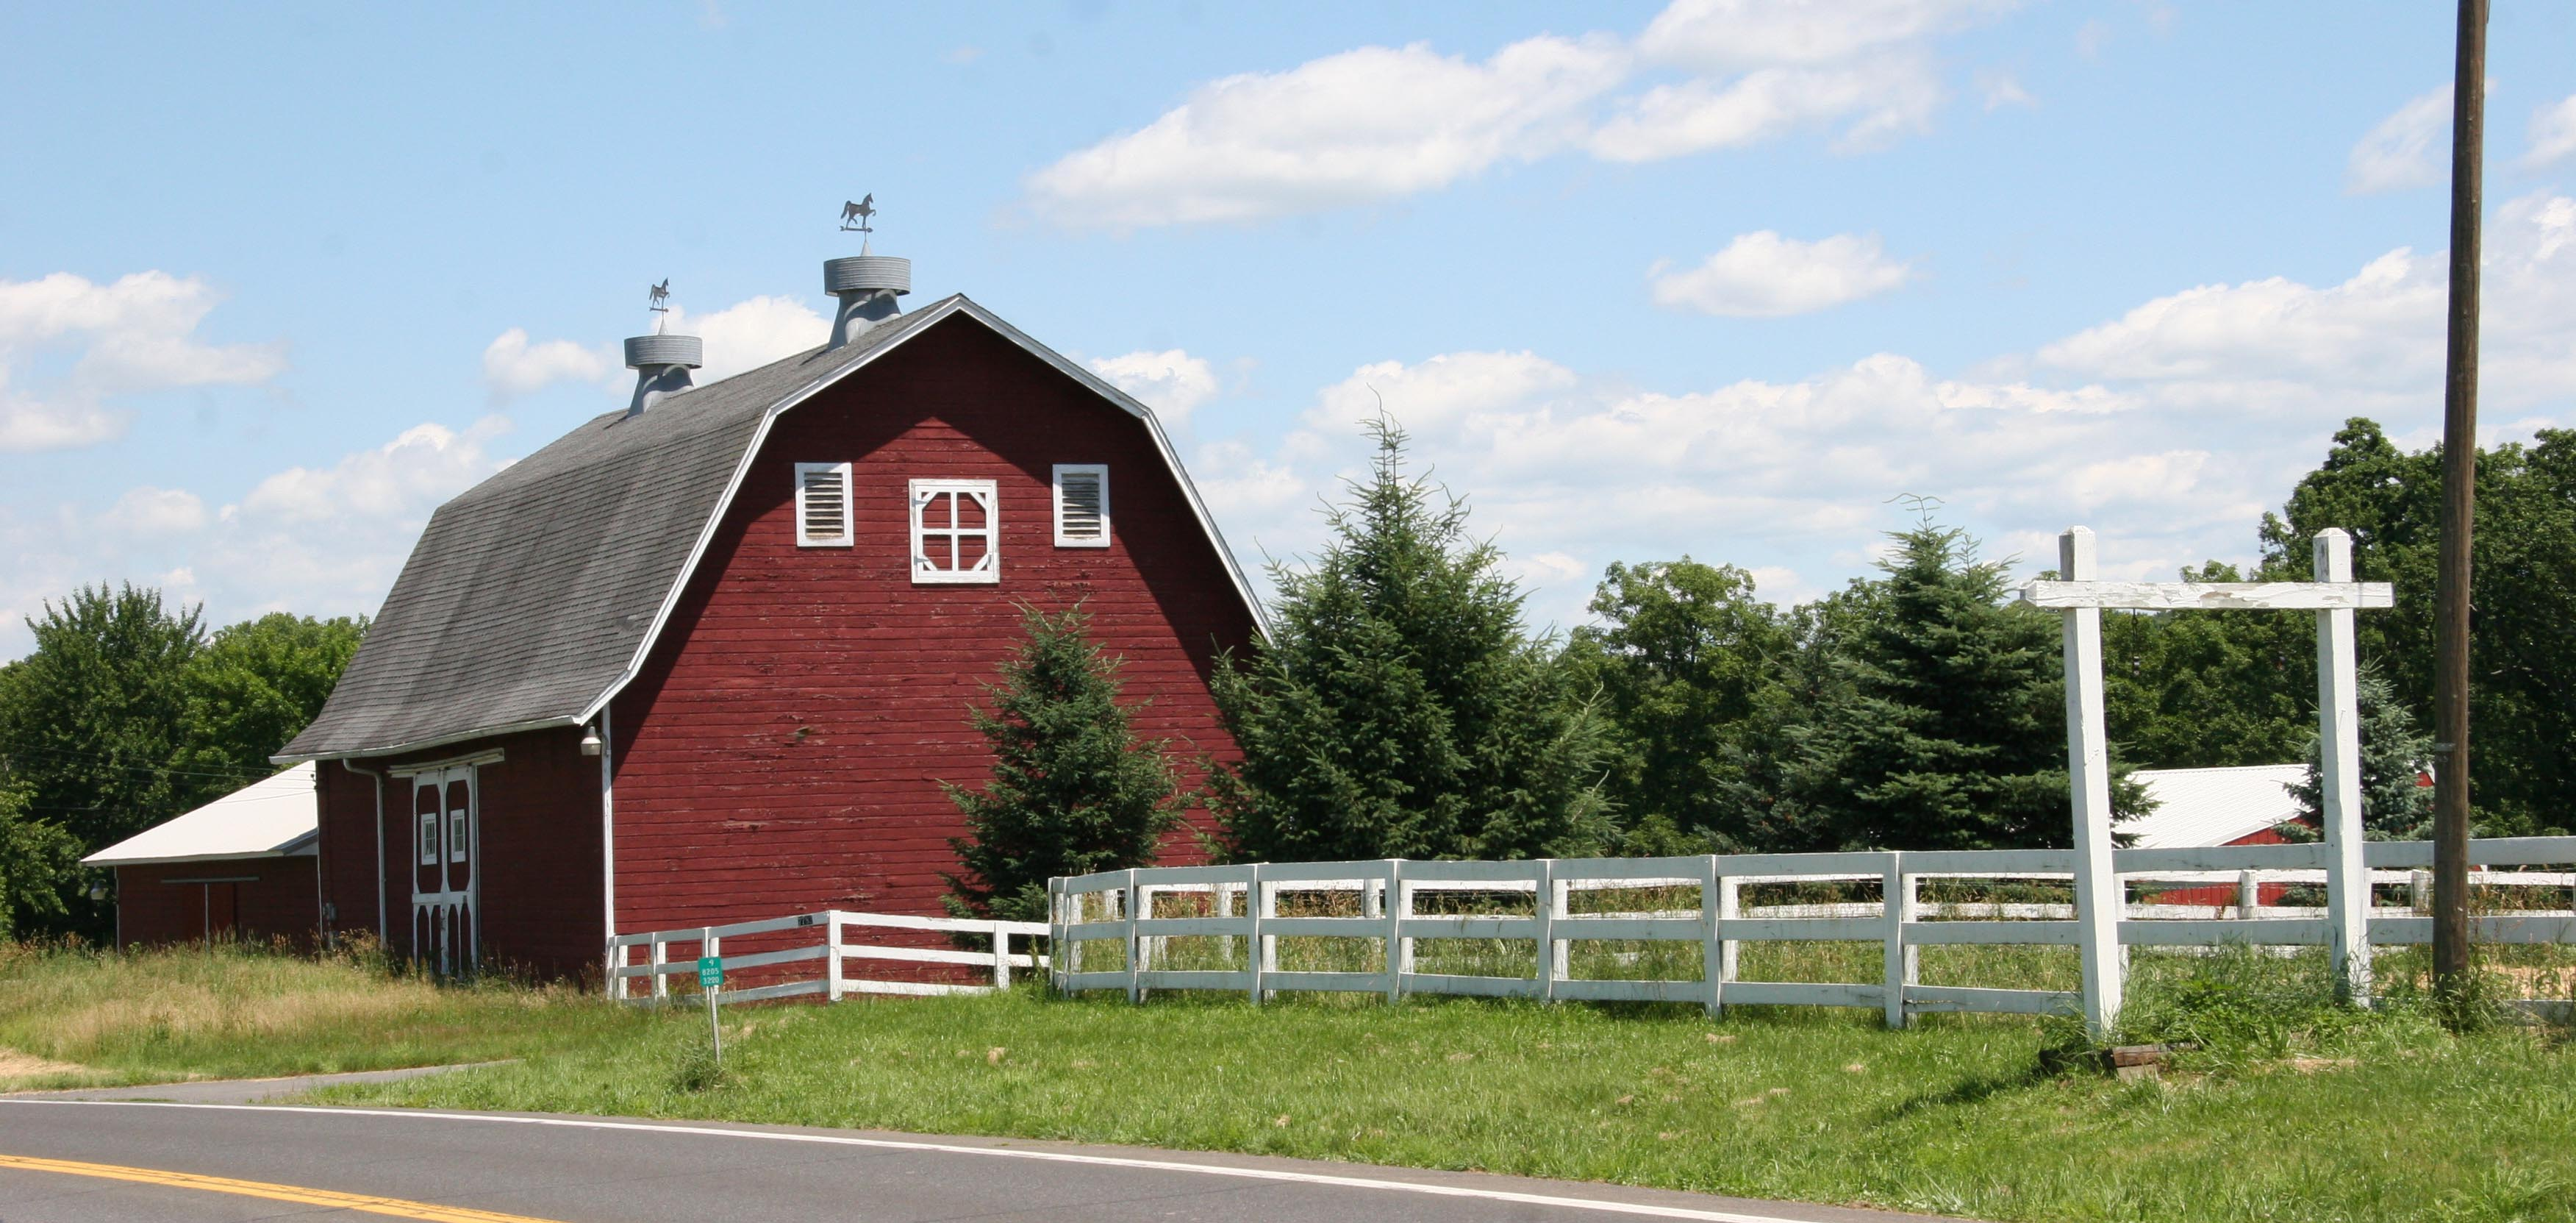 Sawkill Farm